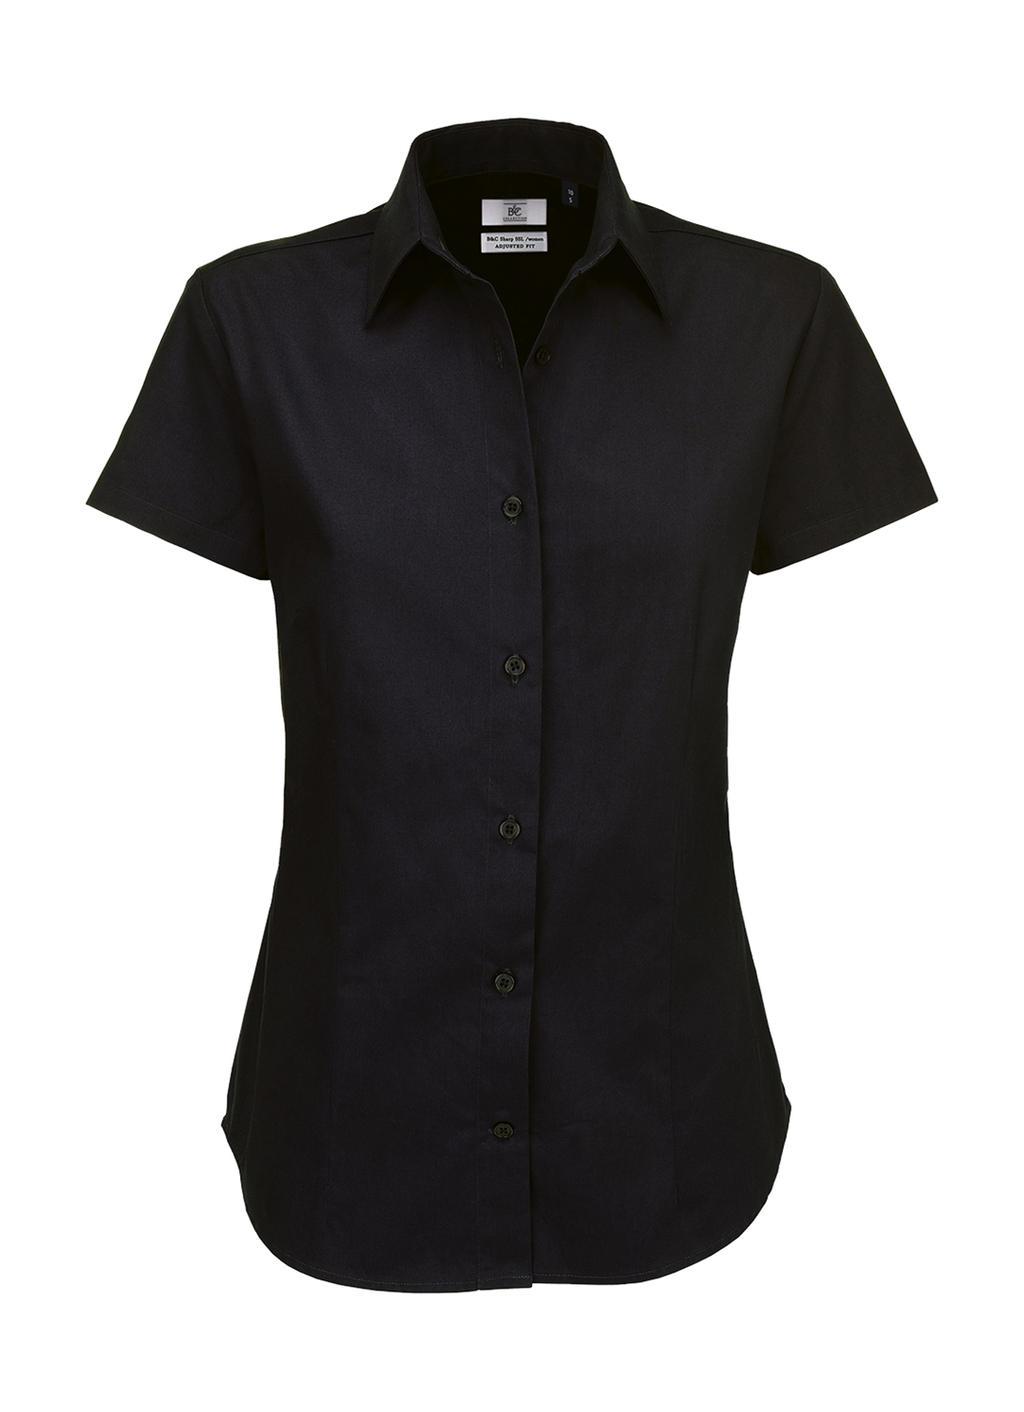 Dámská košile Sharp Twill s krátkým rukávem - zvìtšit obrázek